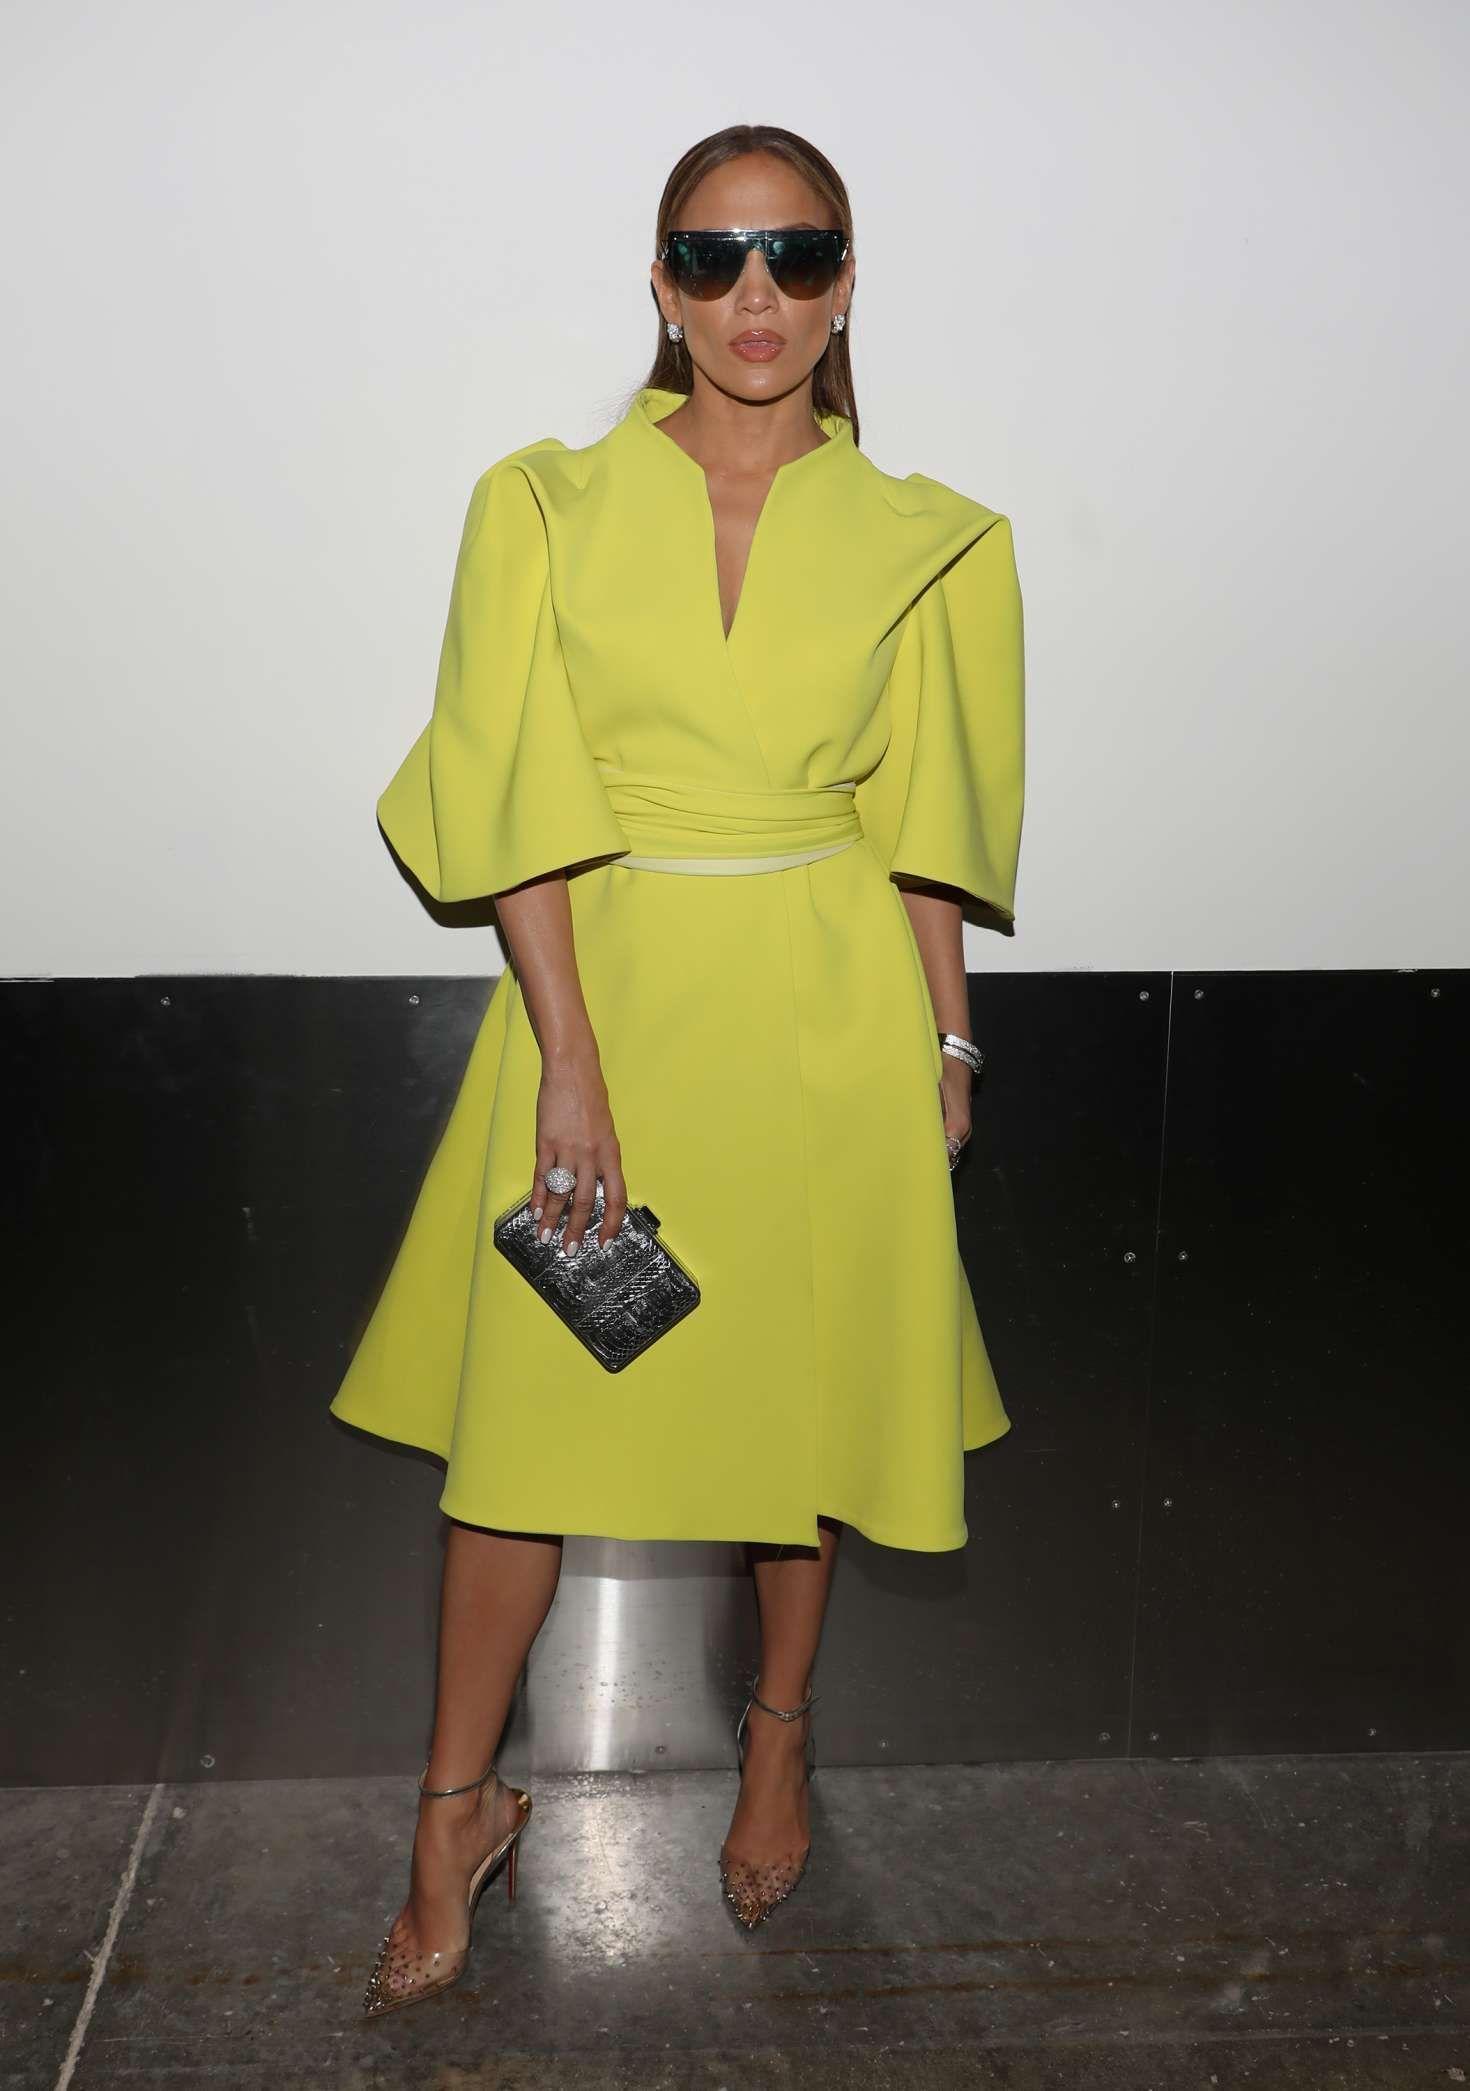 لوك جمع بين الأناقة والعصرية في فستان أصفر نسقته جينيفر لوبيز